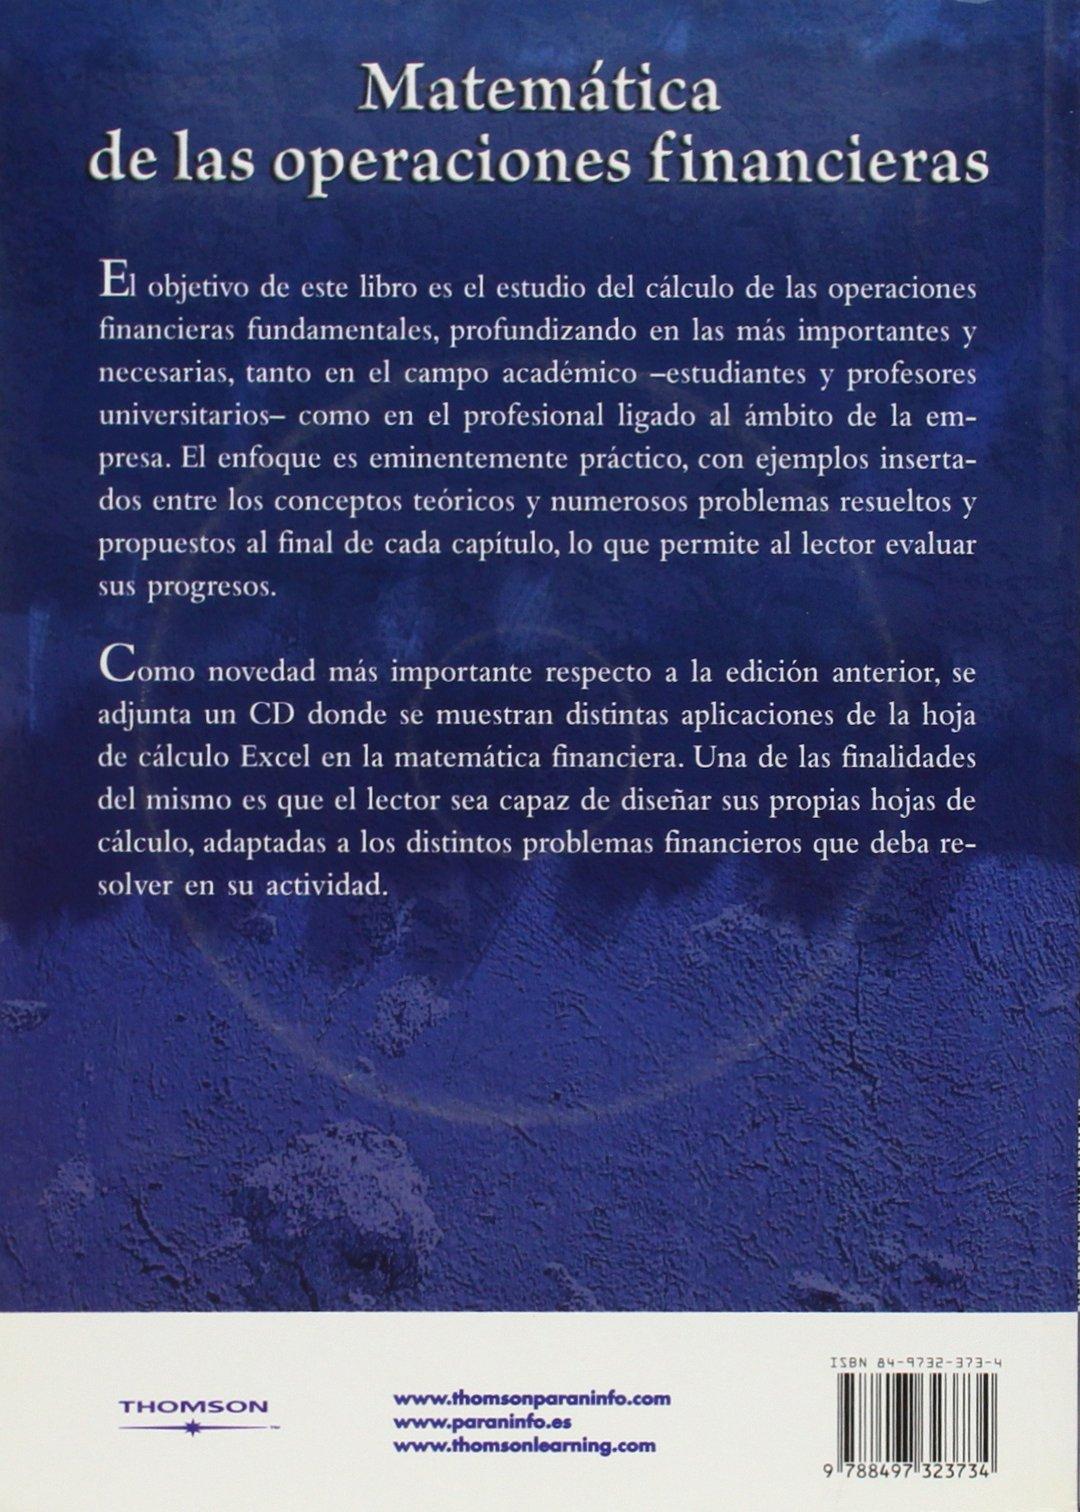 Matemática de las operaciones financieras: Amazon.es: MARIA BONILLA ...